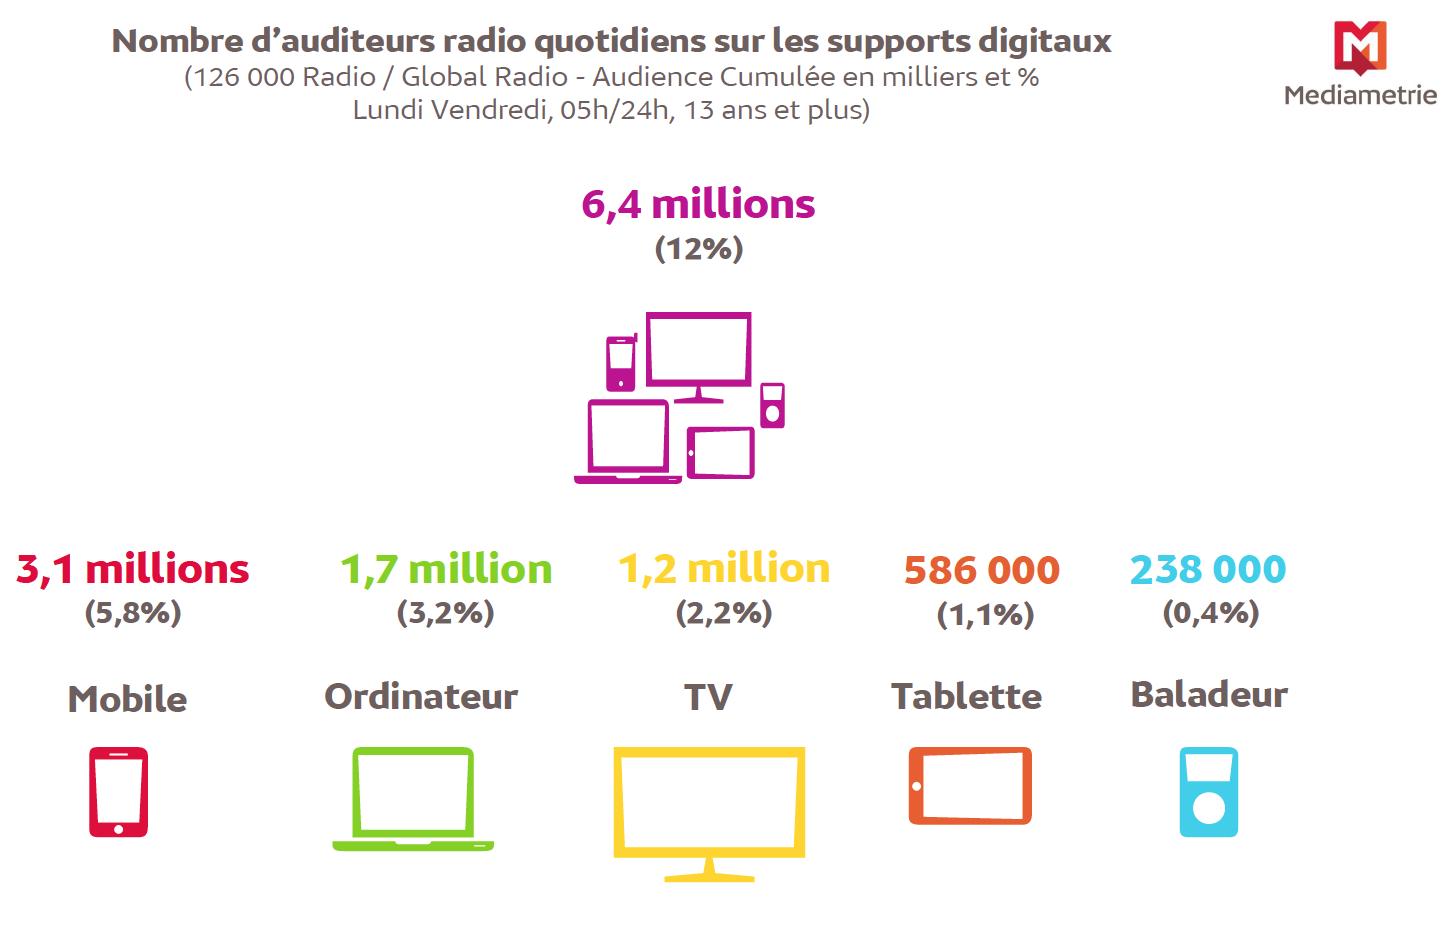 Plus de 6 millions de personnes écoutent la radio sur les supports multimédia